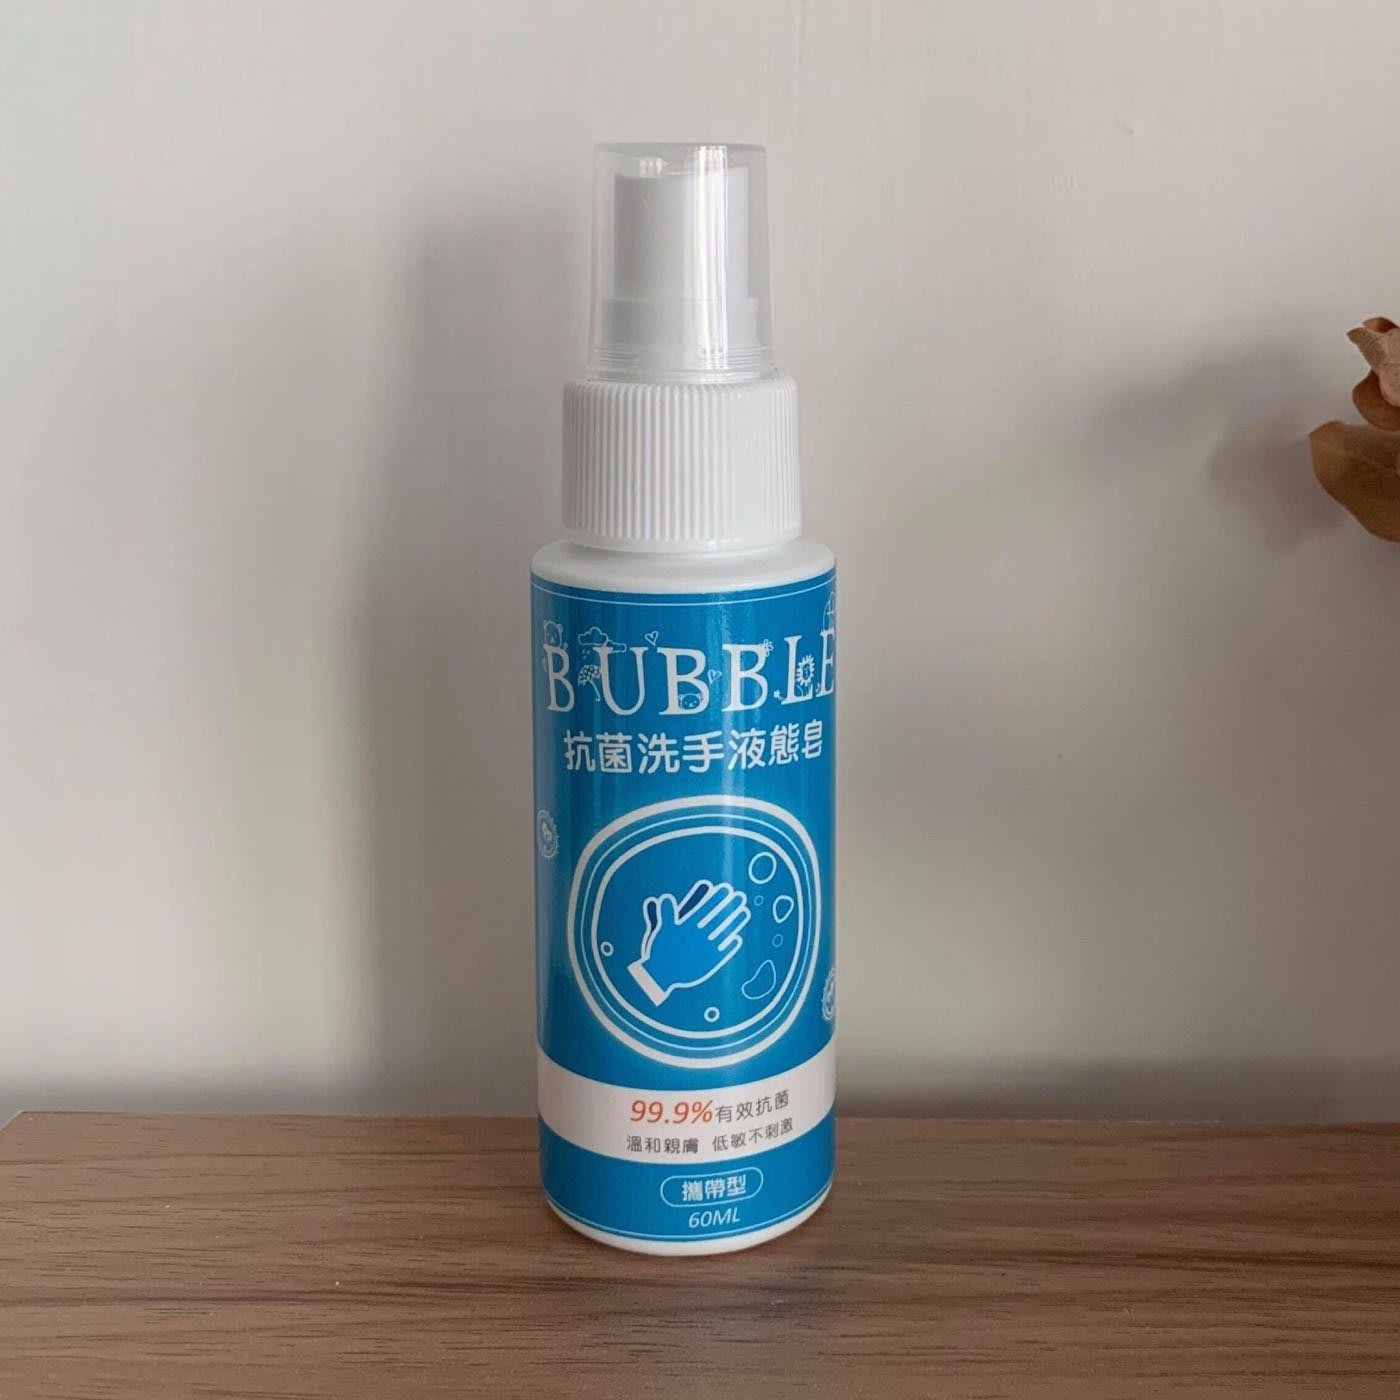 現貨 萊爾富免運 台灣製 BUBBLE 洗手液態皂60ML 攜帶型 防疫 洗手液 洗手乳 肥皂 香皂 替代乾洗手 消毒 隨手 隨身